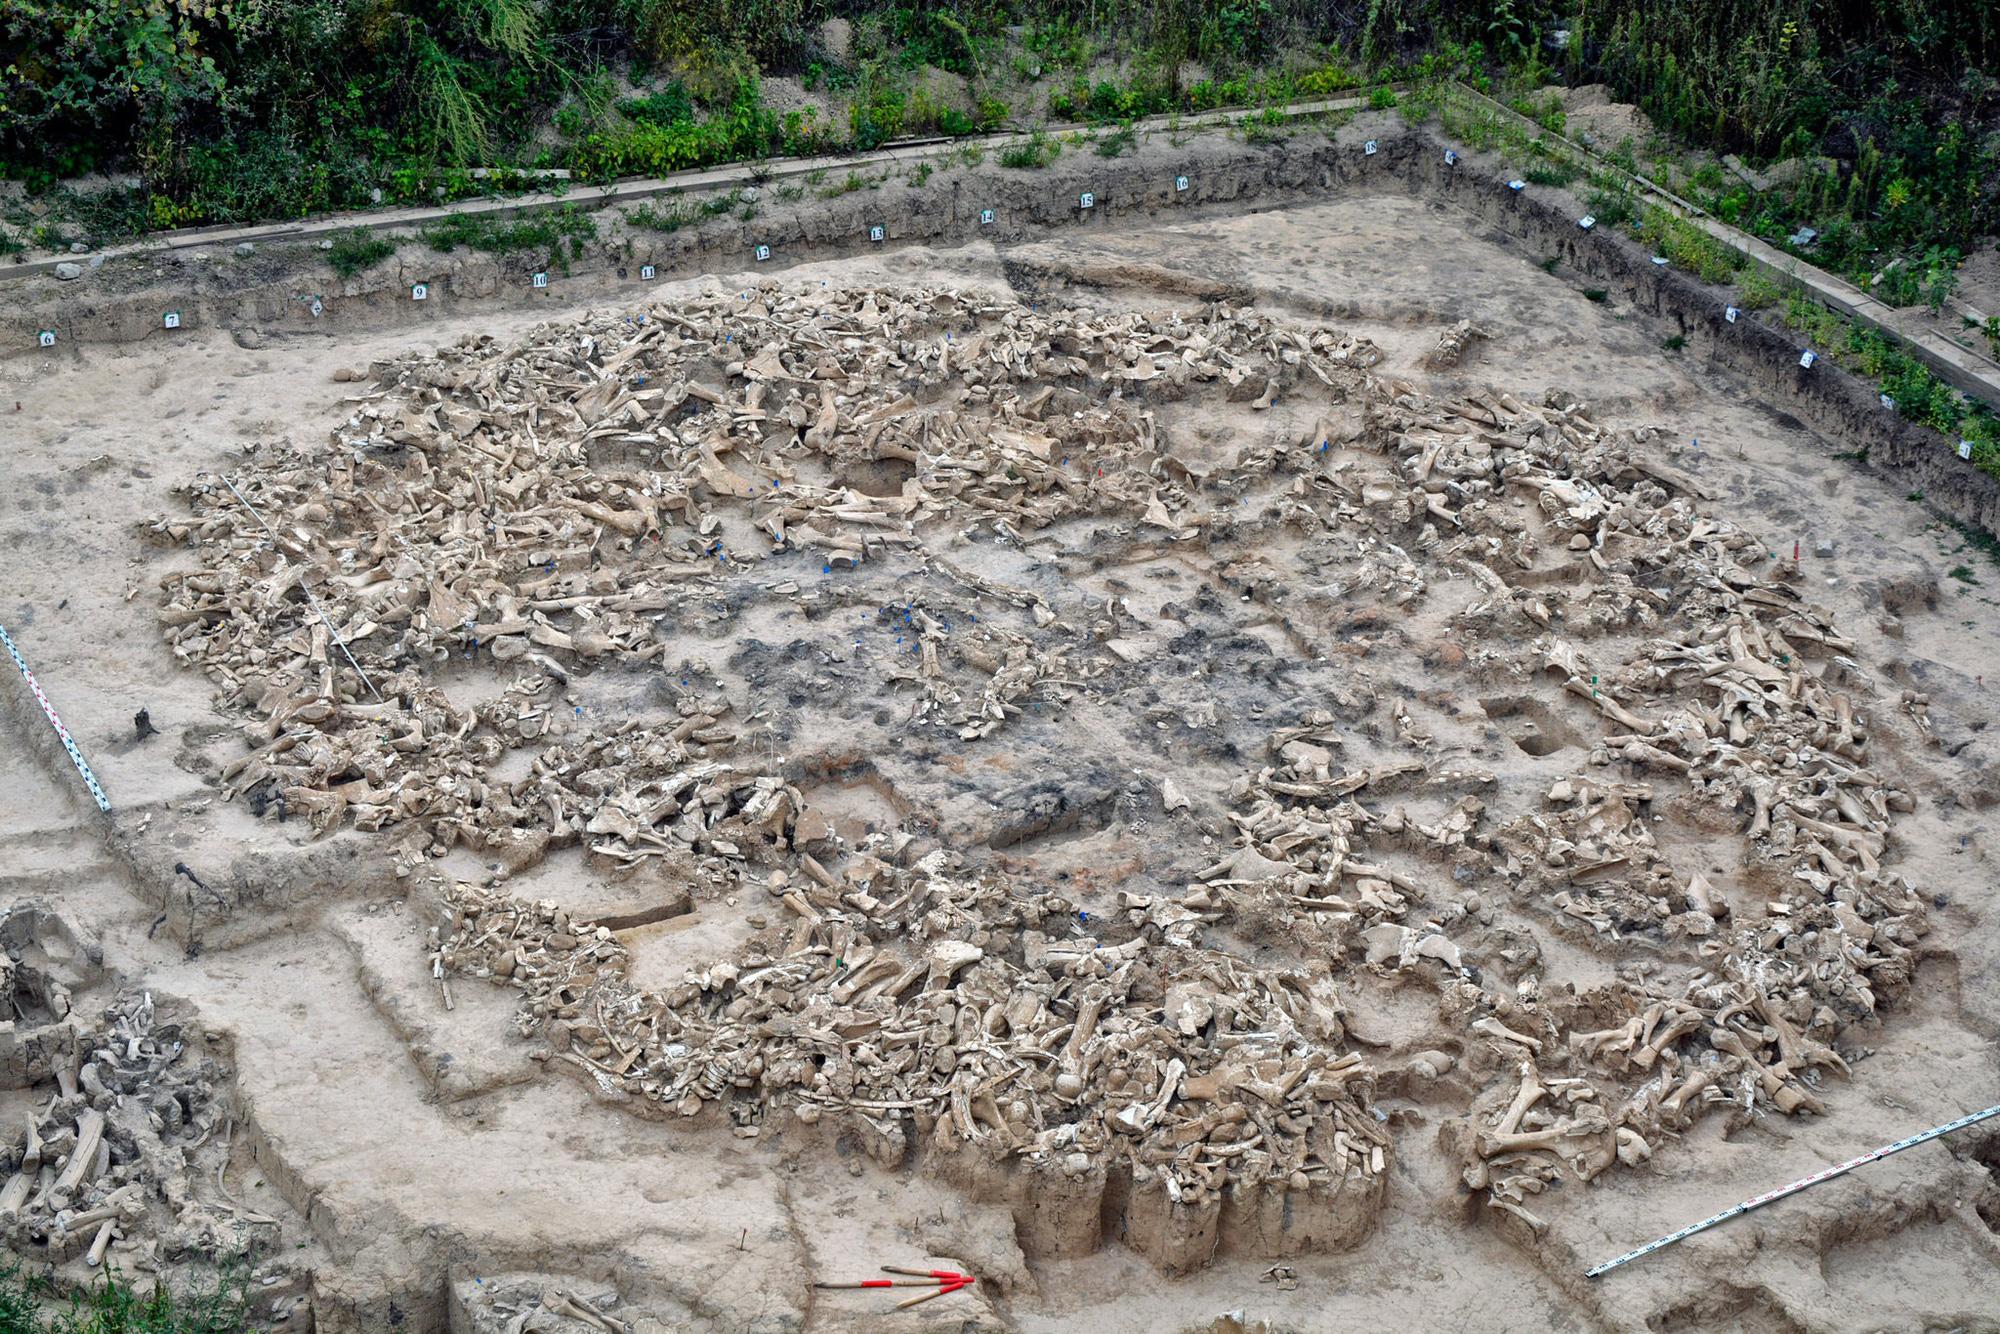 Kiến trúc cổ 20.000 năm tuổi được xây bằng xương voi ma mút làm choáng váng các nhà khoa học - Ảnh 1.